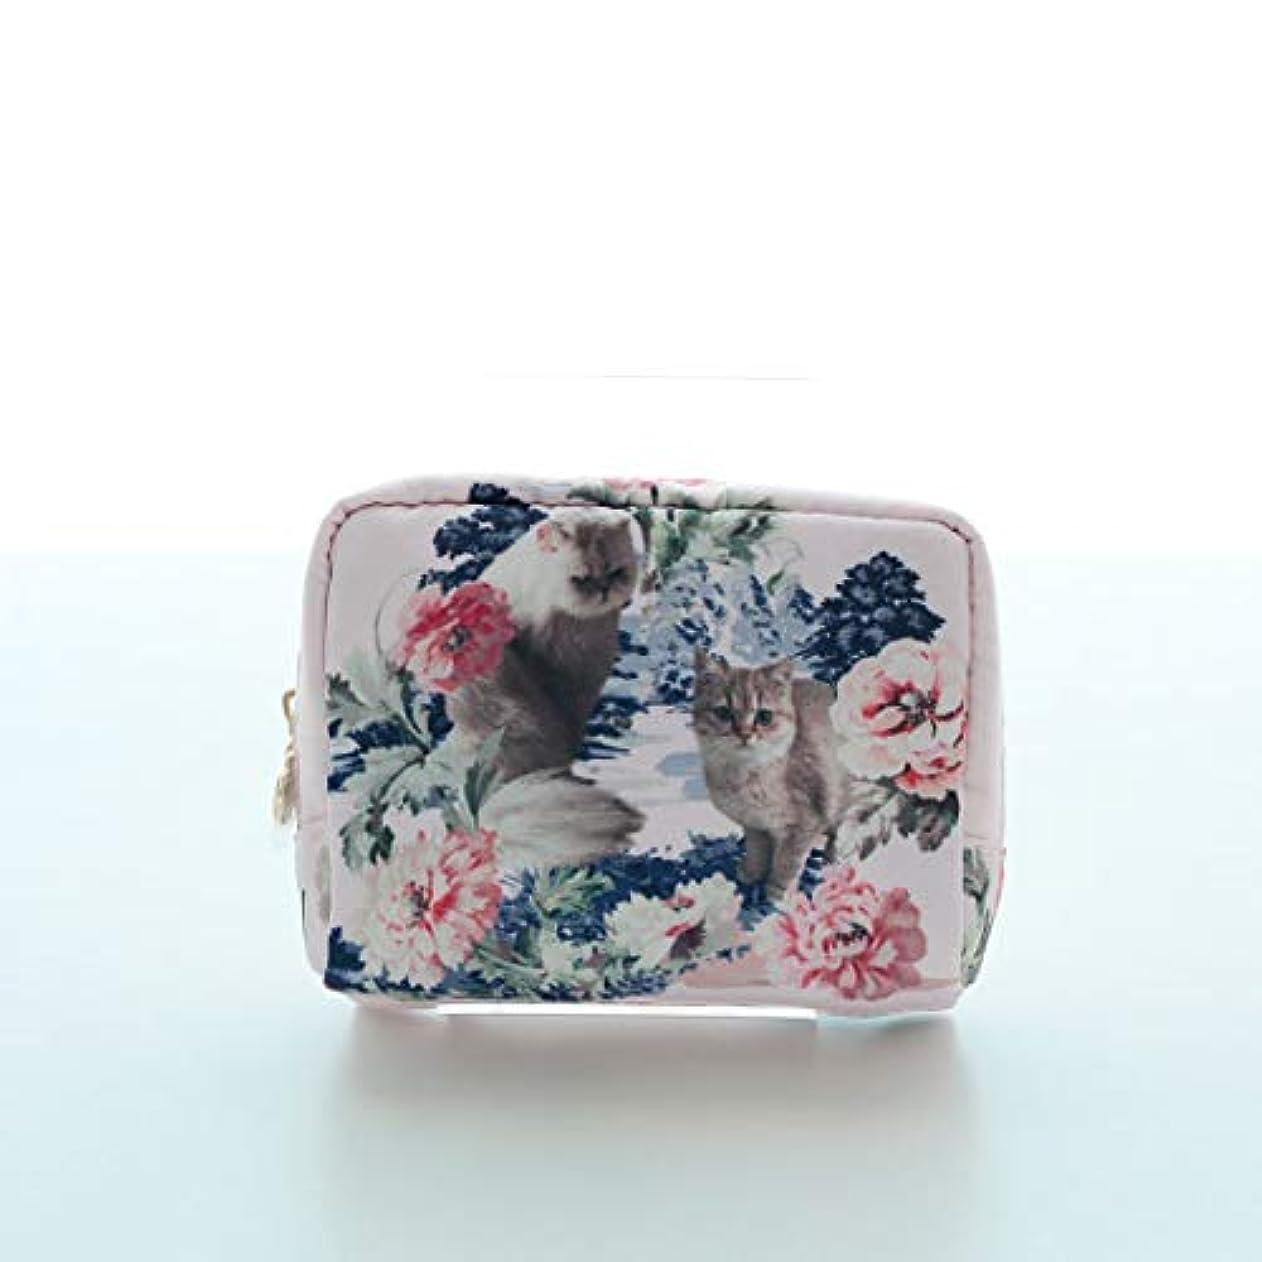 どきどき腐敗した広まったポール&ジョー レディース 化粧ポーチ (ピンク) 花柄 婦人 ポーチ PAUL&JOE ACCESSOIRES 107501-9501-01